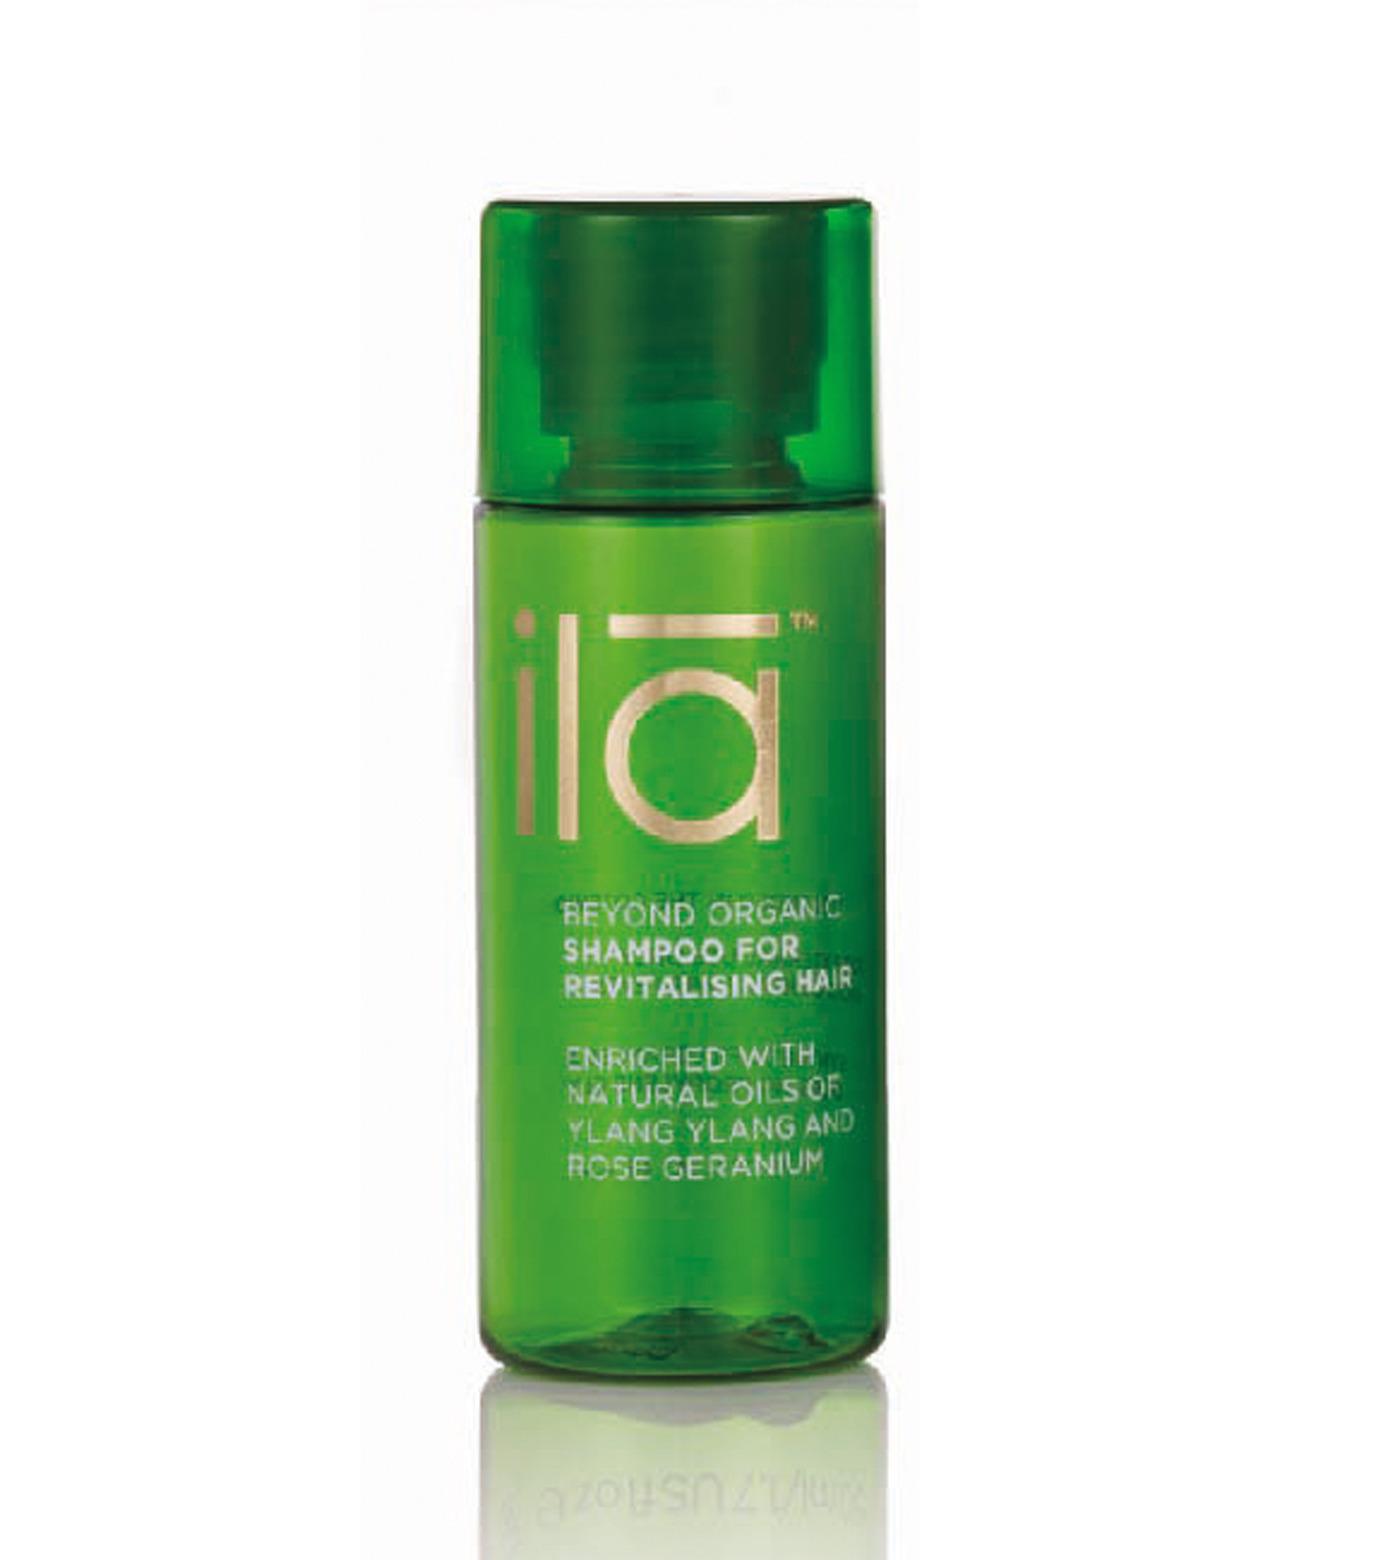 ila(イラ)のShampoo-LIGHT GREEN(HAIR-CARE/HAIR-CARE)-AMN025-21 拡大詳細画像1